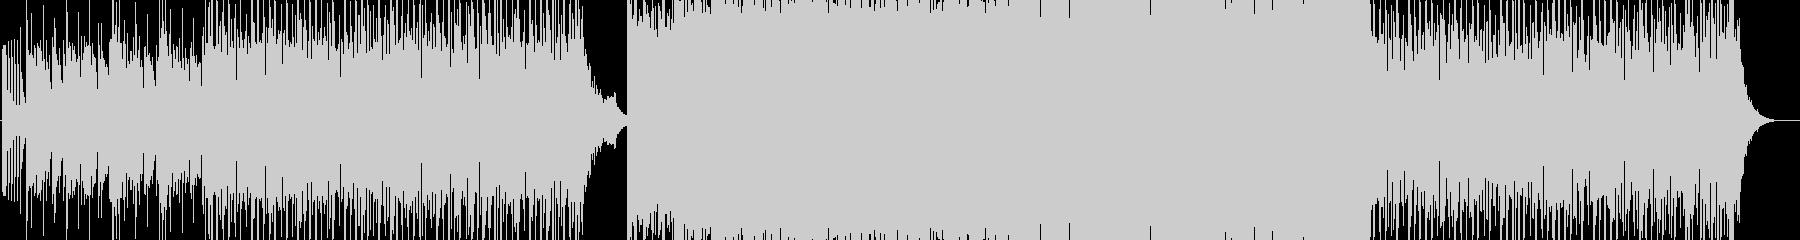 途中から盛り上がるEDM=HandsUpの未再生の波形